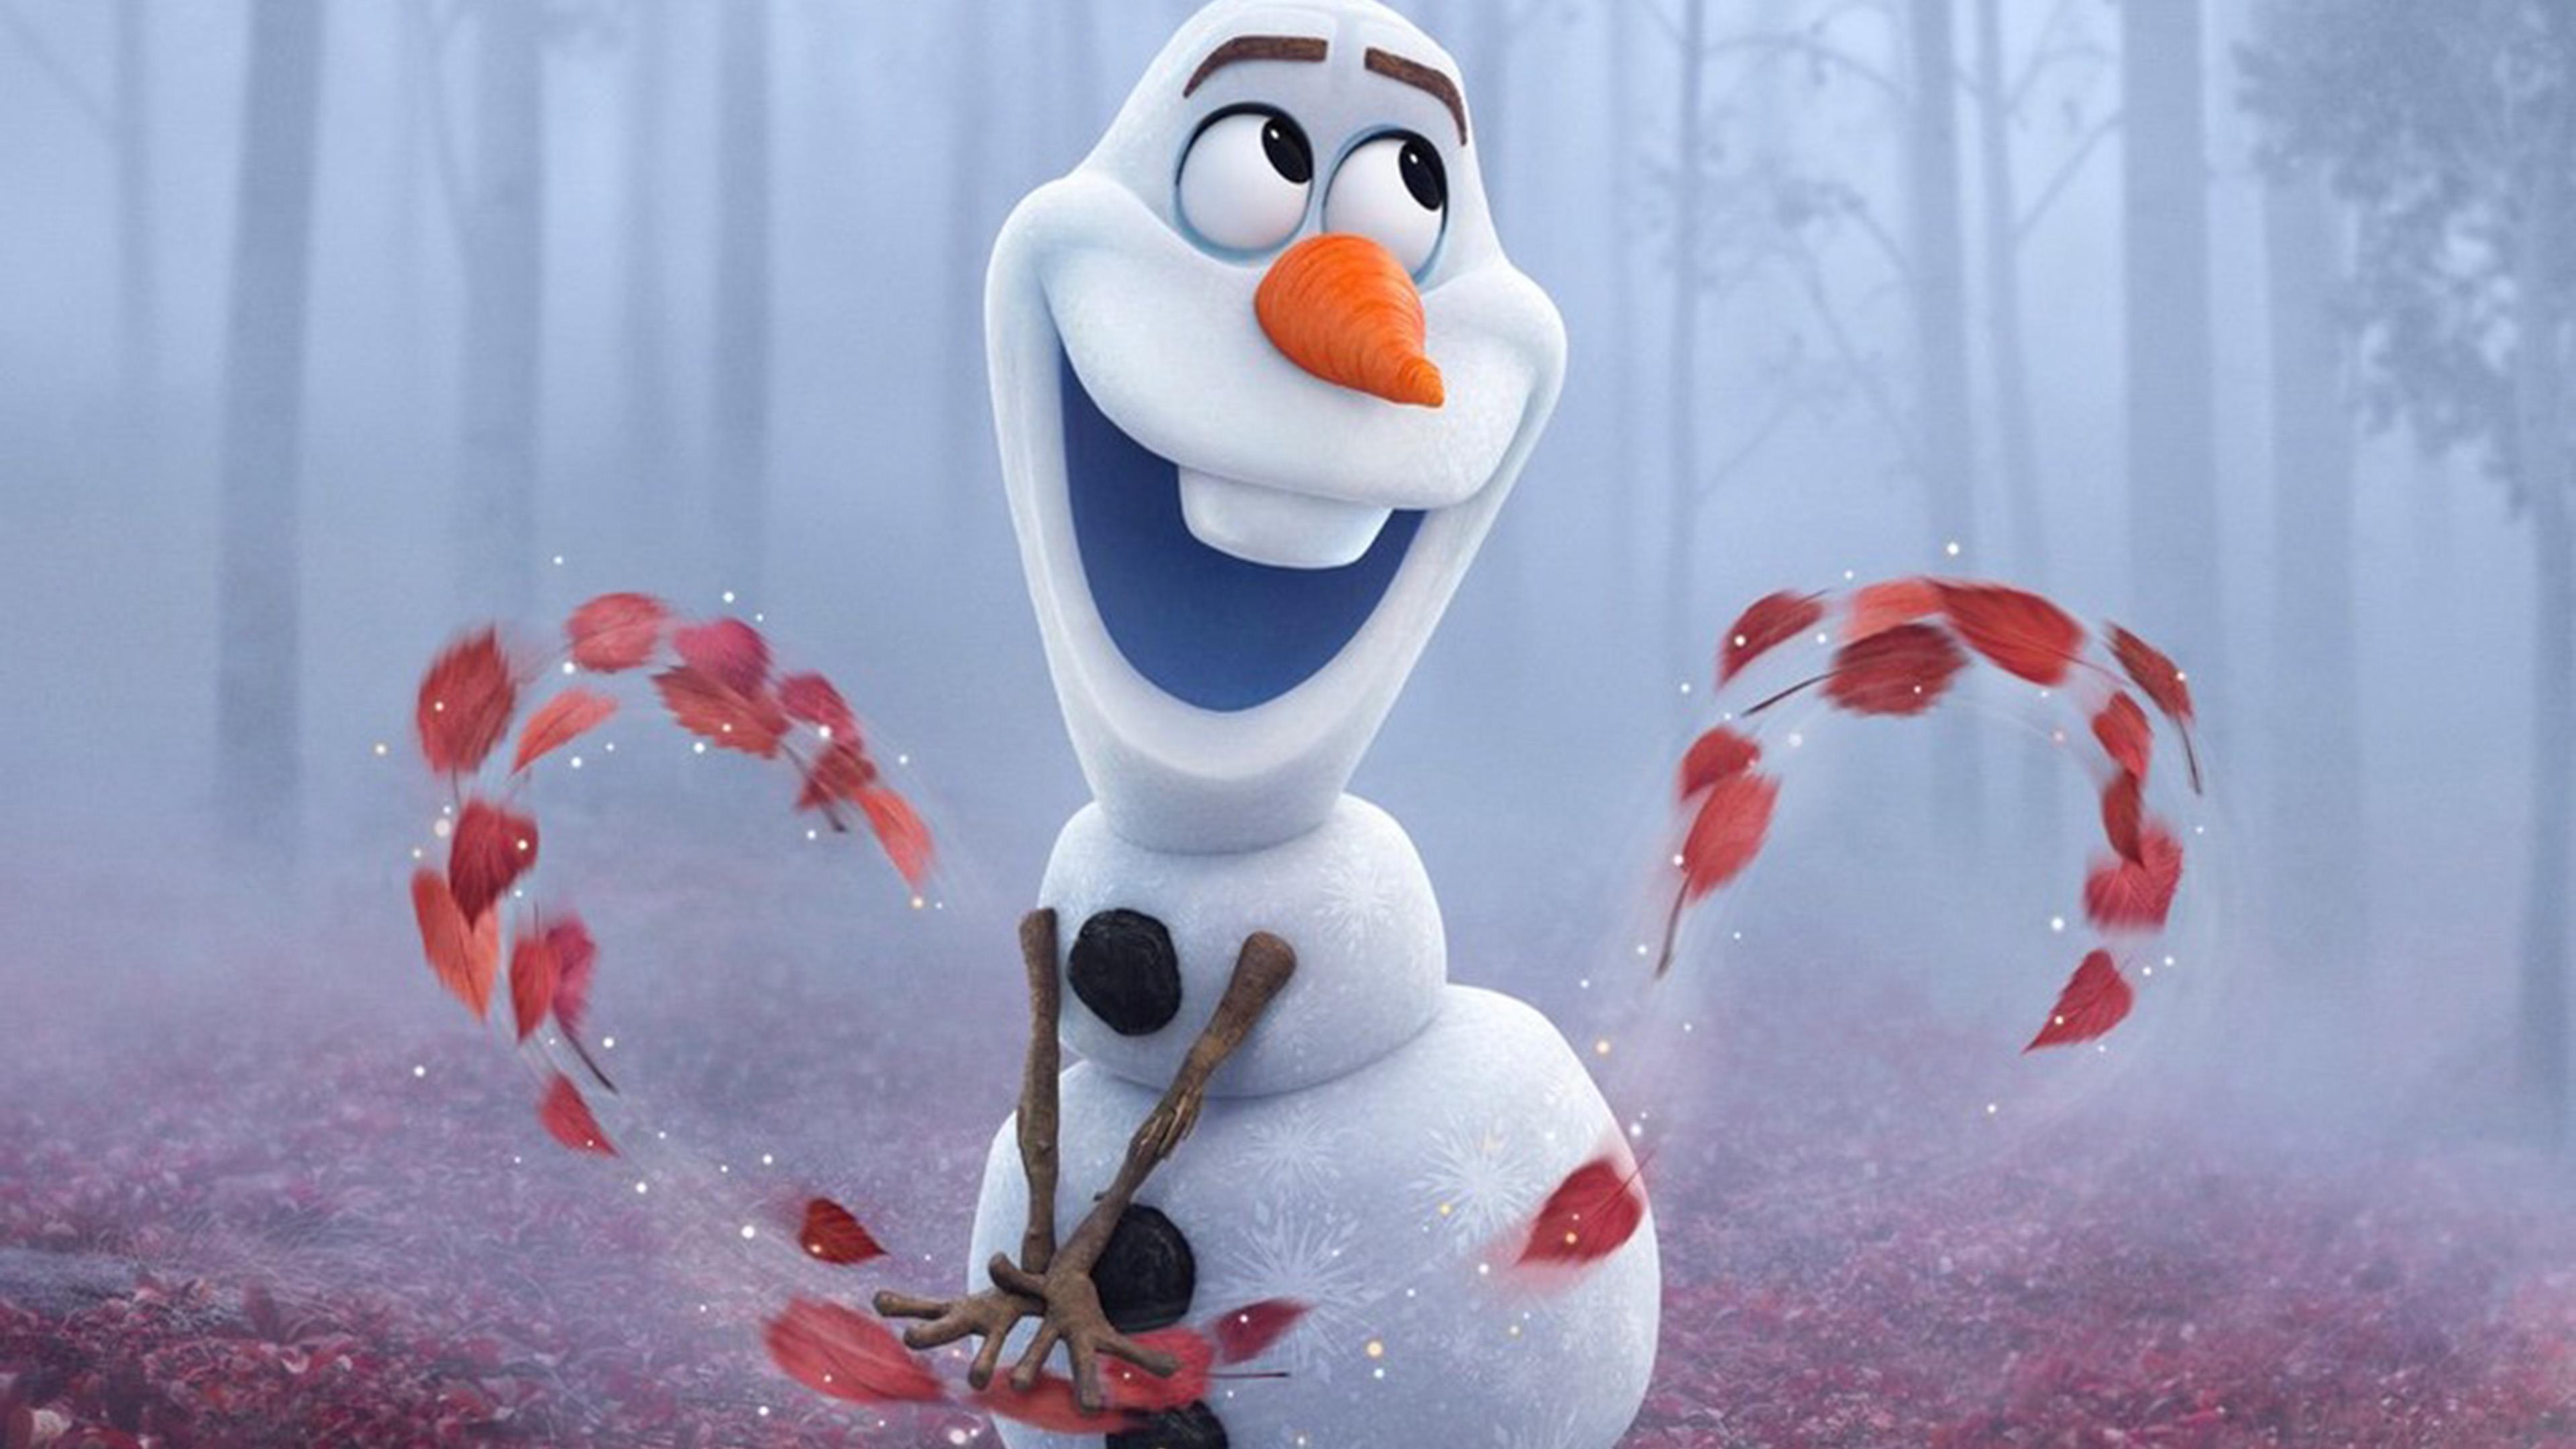 bj52-frozen-olaf-cute-disney-film-art ...